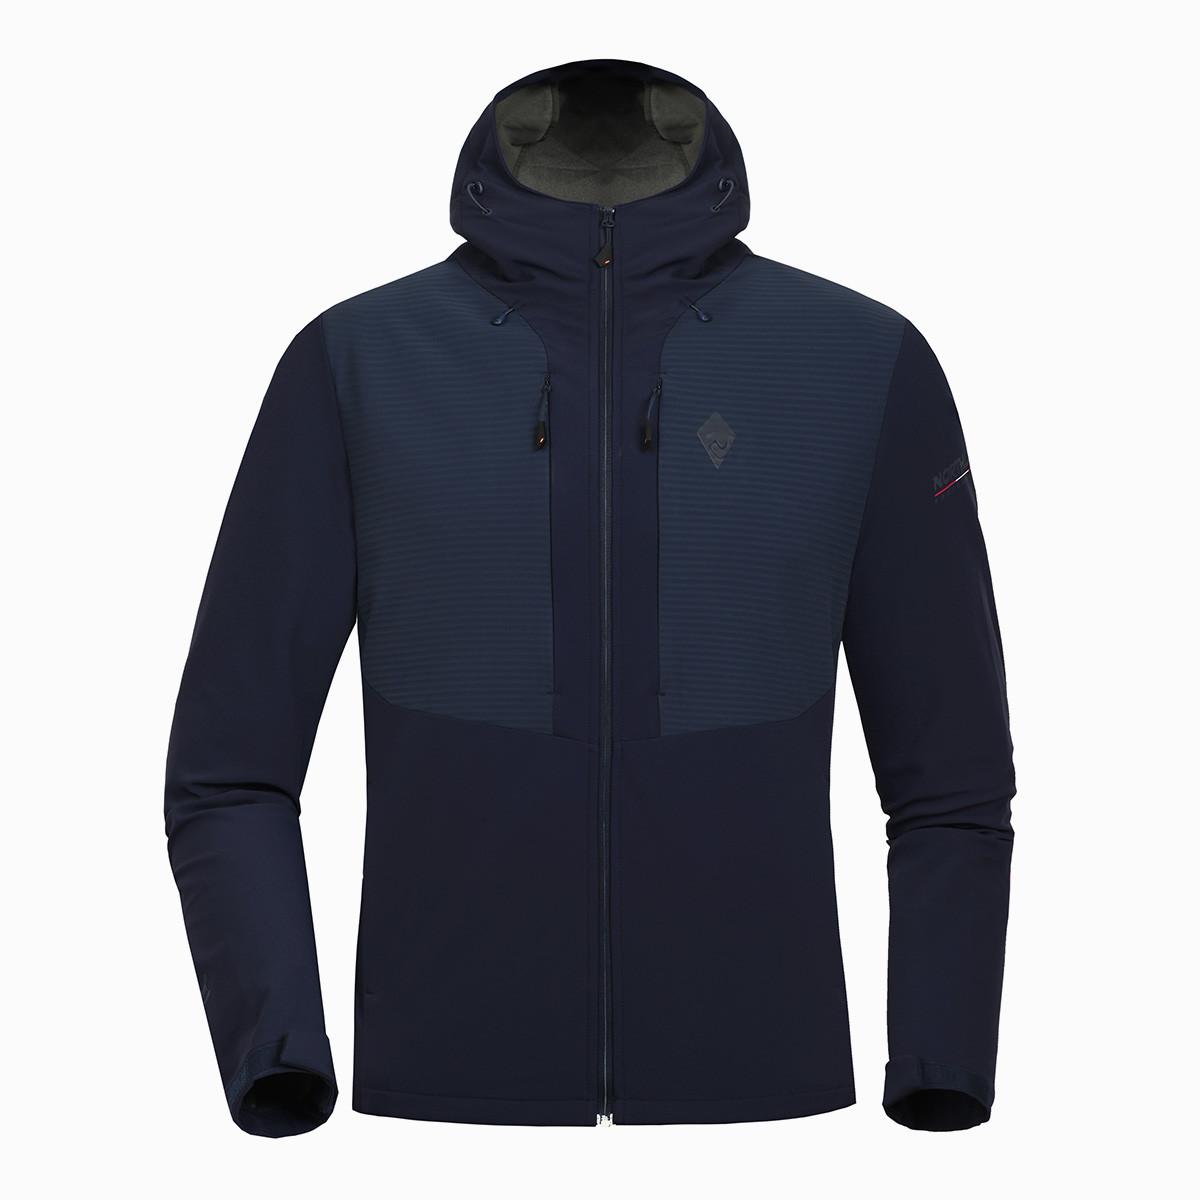 诺诗兰男式抓绒软壳衣防风高透气防水摇粒绒加厚保暖贴身舒适GF065523藏蓝色